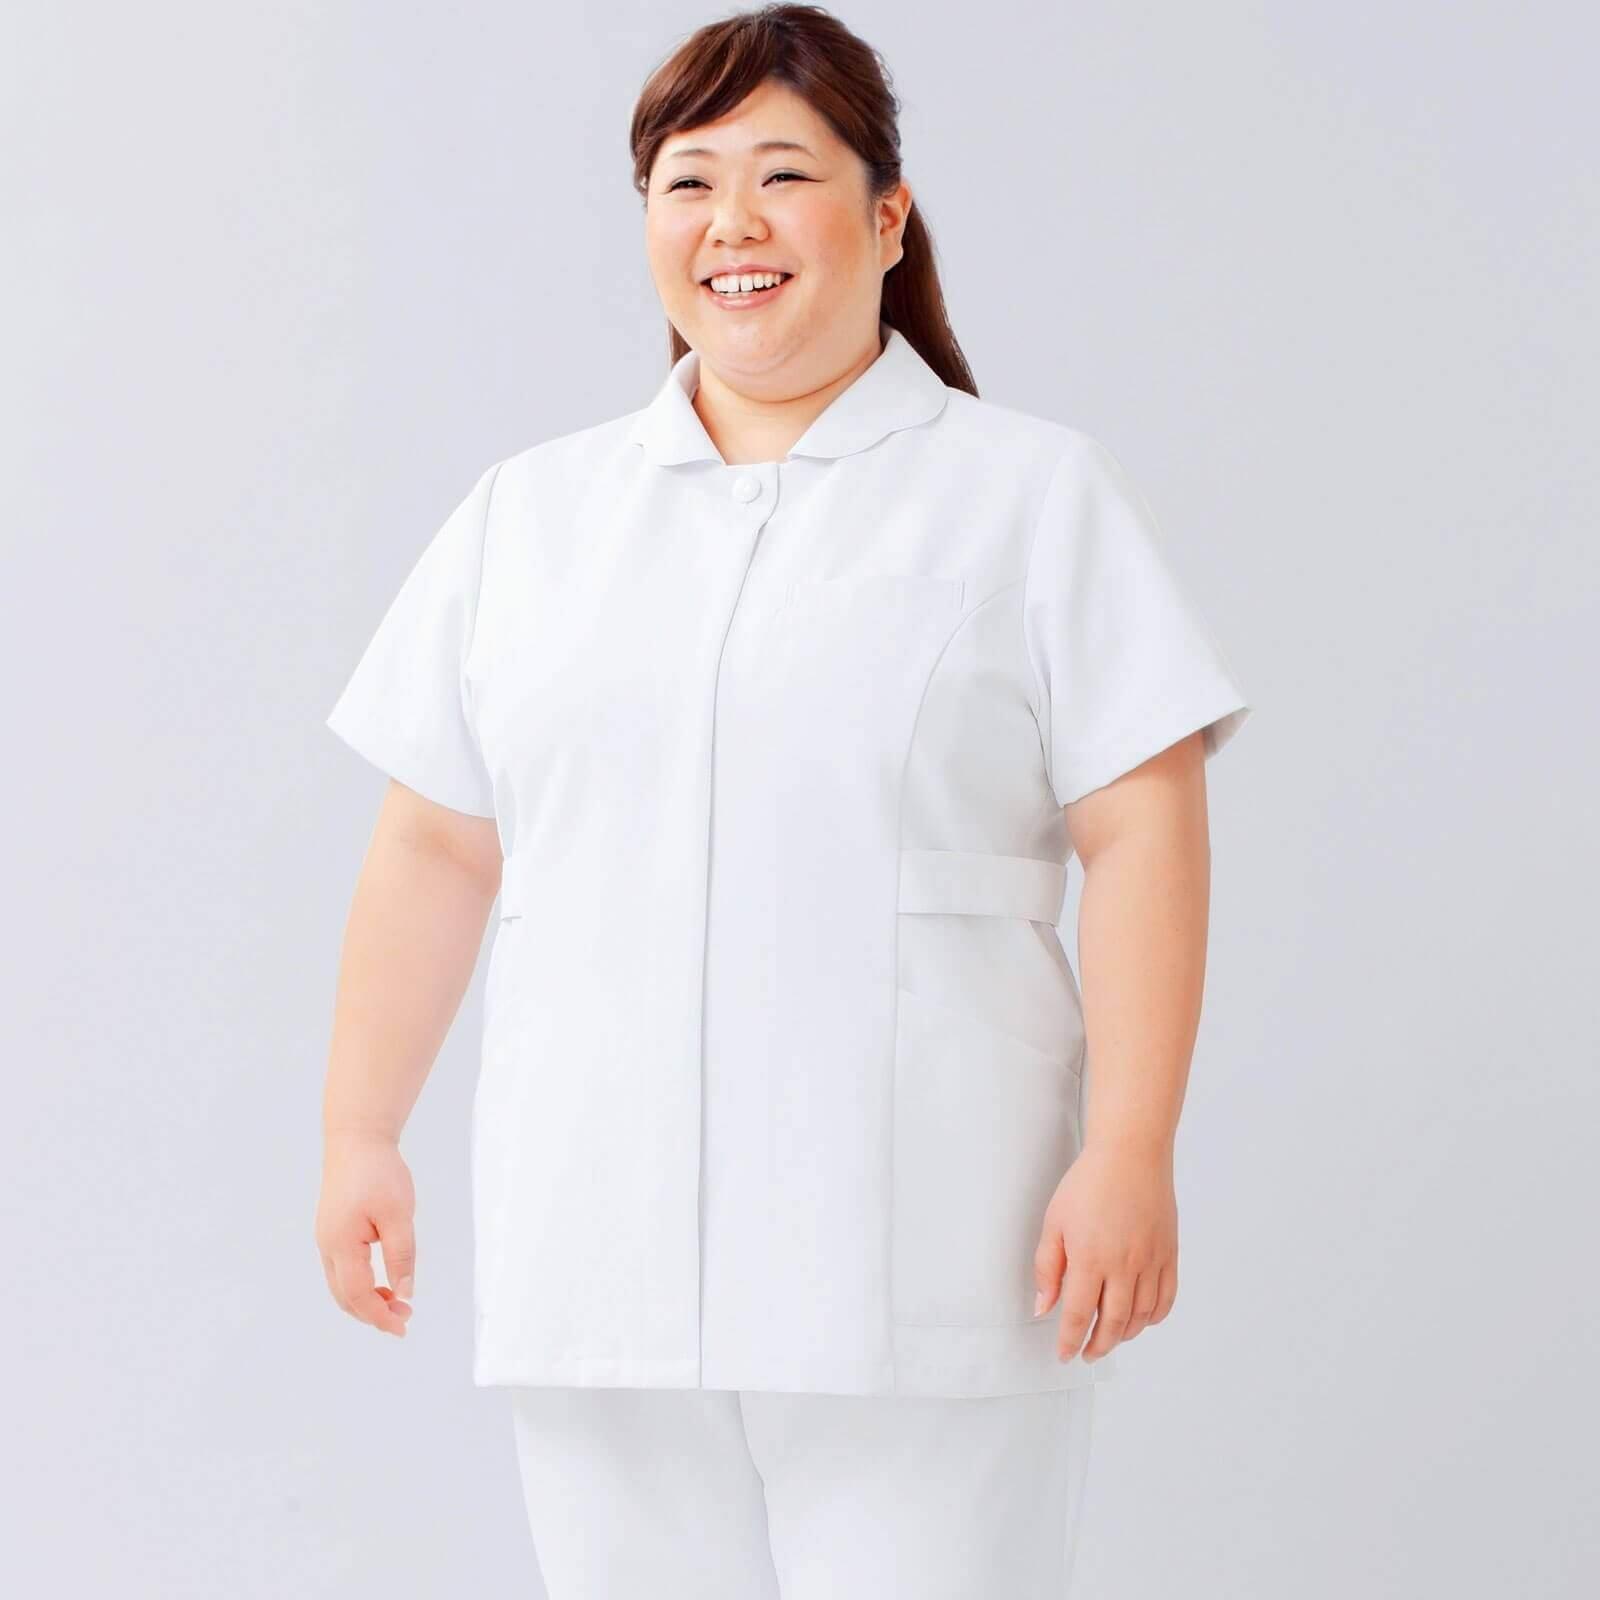 ・大きなサイズの白衣(オリジナル)